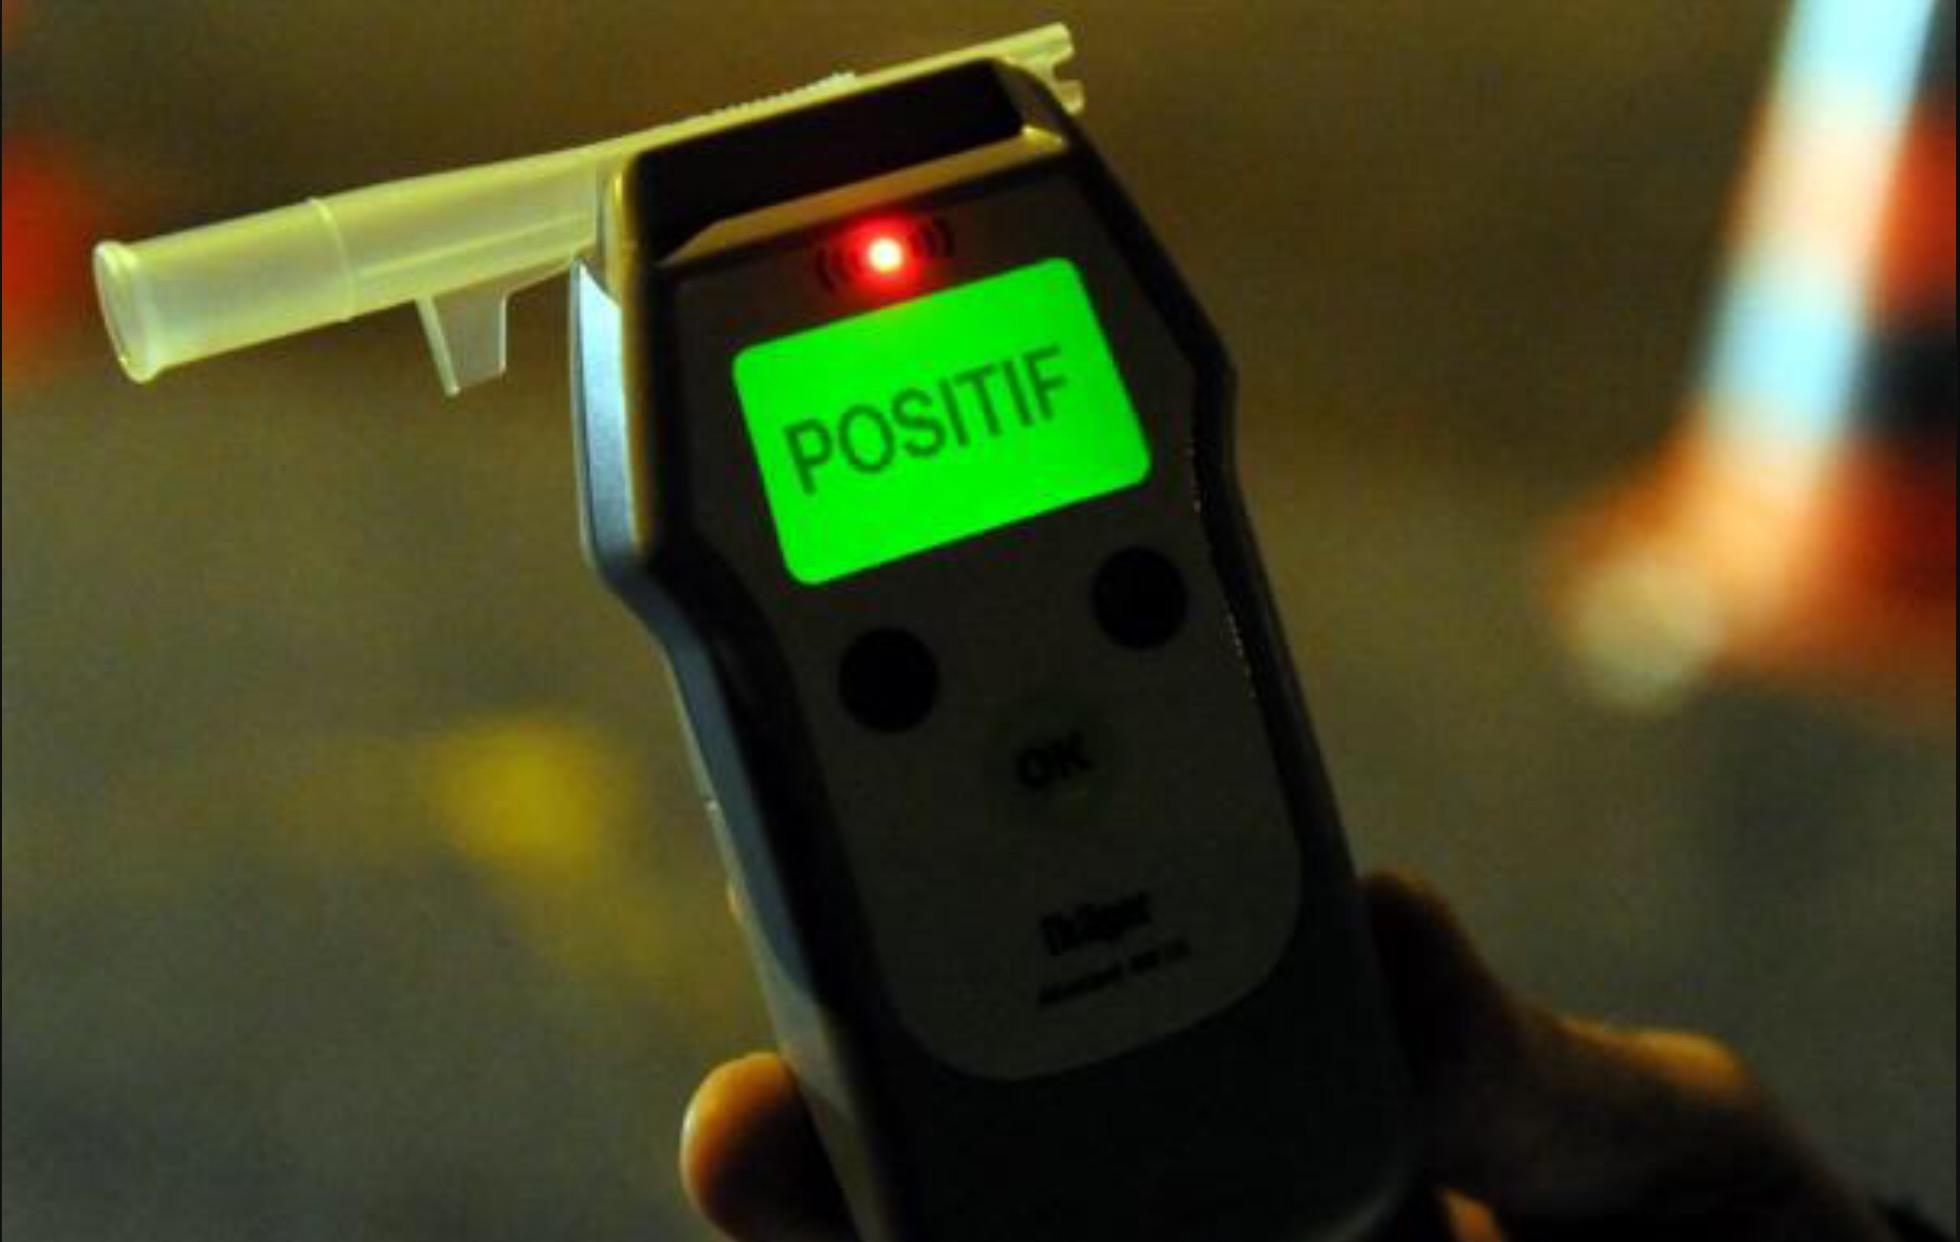 7 heures après les faits et son placement en dégrisement, l'automobiliste avait encore 0,86 g d'alcool dans le sang (Illustration)